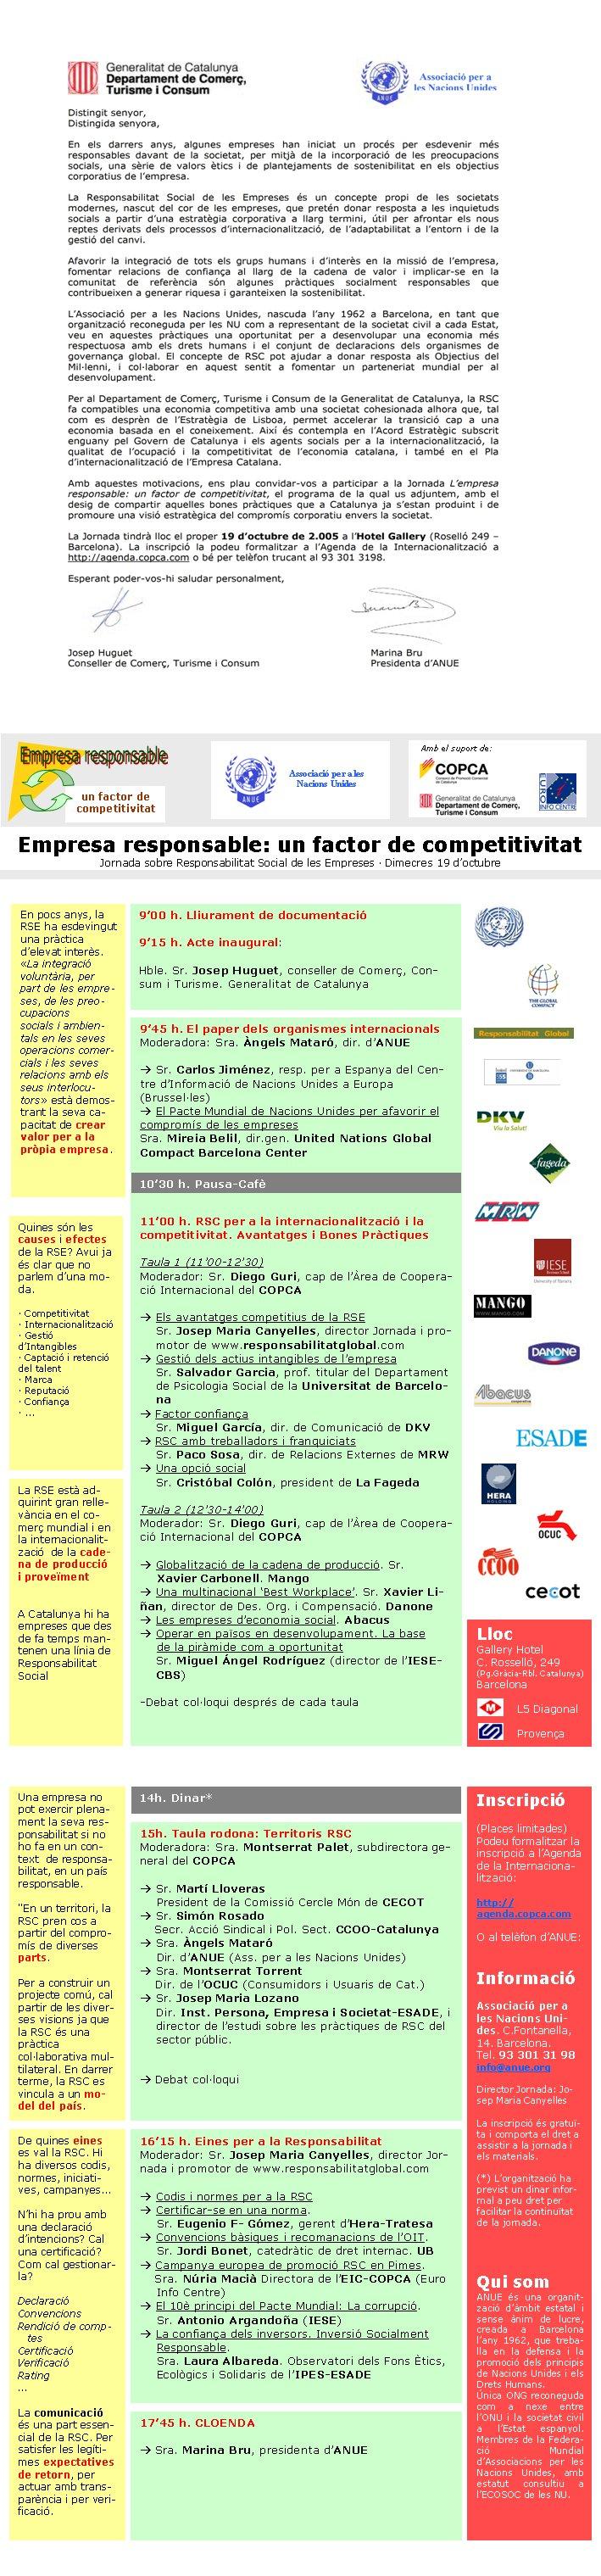 9'00 h. Lliurament de documentació9'15 h. Acte inaugural: Hble. Sr. Josep Huguet, conseller de Comerç, Consum i Turisme. Generalitat de CatalunyaQuines són les causes i efectes de la RSE? Avui ja és clar que no parlem d'una moda.· Competitivitat· Internacionalització· Gestió d'Intangibles· Captació i retenció del talent· Marca· Reputació· Confiança· ...9'45 h. El paper dels organismes internacionalsModeradora: Sra. Àngels Mataró, dir. d'ANUEà Sr. Carlos Jiménez, resp. per a Espanya del Centre d'Informació de Nacions Unides a Europa (Brussel·les)à El Pacte Mundial de Nacions Unides per afavorir el compromís de les empresesSra. Mireia Belil, dir.gen. United Nations Global Compact Barcelona Center 11'00 h. RSC per a la internacionalització i la competitivitat. Avantatges i Bones Pràctiques Taula 1 (11'00-12'30)Moderador: Sr. Diego Guri, cap de l'Àrea de Cooperació Internacional del COPCAà Els avantatges competitius de la RSESr. Josep Maria Canyelles, director Jornada i promotor de www.responsabilitatglobal.comà Gestió dels actius intangibles de l'empresa Sr. Salvador Garcia, prof. titular del Departament de Psicologia Social de la Universitat de Barcelonaà Factor confiançaSr. Miguel García, dir. de Comunicació de DKVà RSC amb treballadors i franquiciatsSr. Paco Sosa, dir. de Relacions Externes de MRWà Una opció socialSr. Cristóbal Colón, president de La FagedaTaula 2 (12'30-14'00)Moderador: Sr. Diego Guri, cap de l'Àrea de Cooperació Internacional del COPCAà Globalització de la cadena de producció. Sr.        Xavier Carbonell. Mangoà Una multinacional 'Best Workplace'. Sr. Xavier Liñan, director de Des. Org. i Compensació. Danoneà Les empreses d'economia social. Abacusà Operar en països en desenvolupament. La base     de la piràmide com a oportunitatSr. Miguel �ngel Rodríguez (director de l'IESE-CBS)-Debat col·loqui després de cada taula10'30 h. Pausa-CafèEn pocs anys, la RSE ha esdevingut una pràctica d'elevat interès. «La integració voluntària, per part de les empres